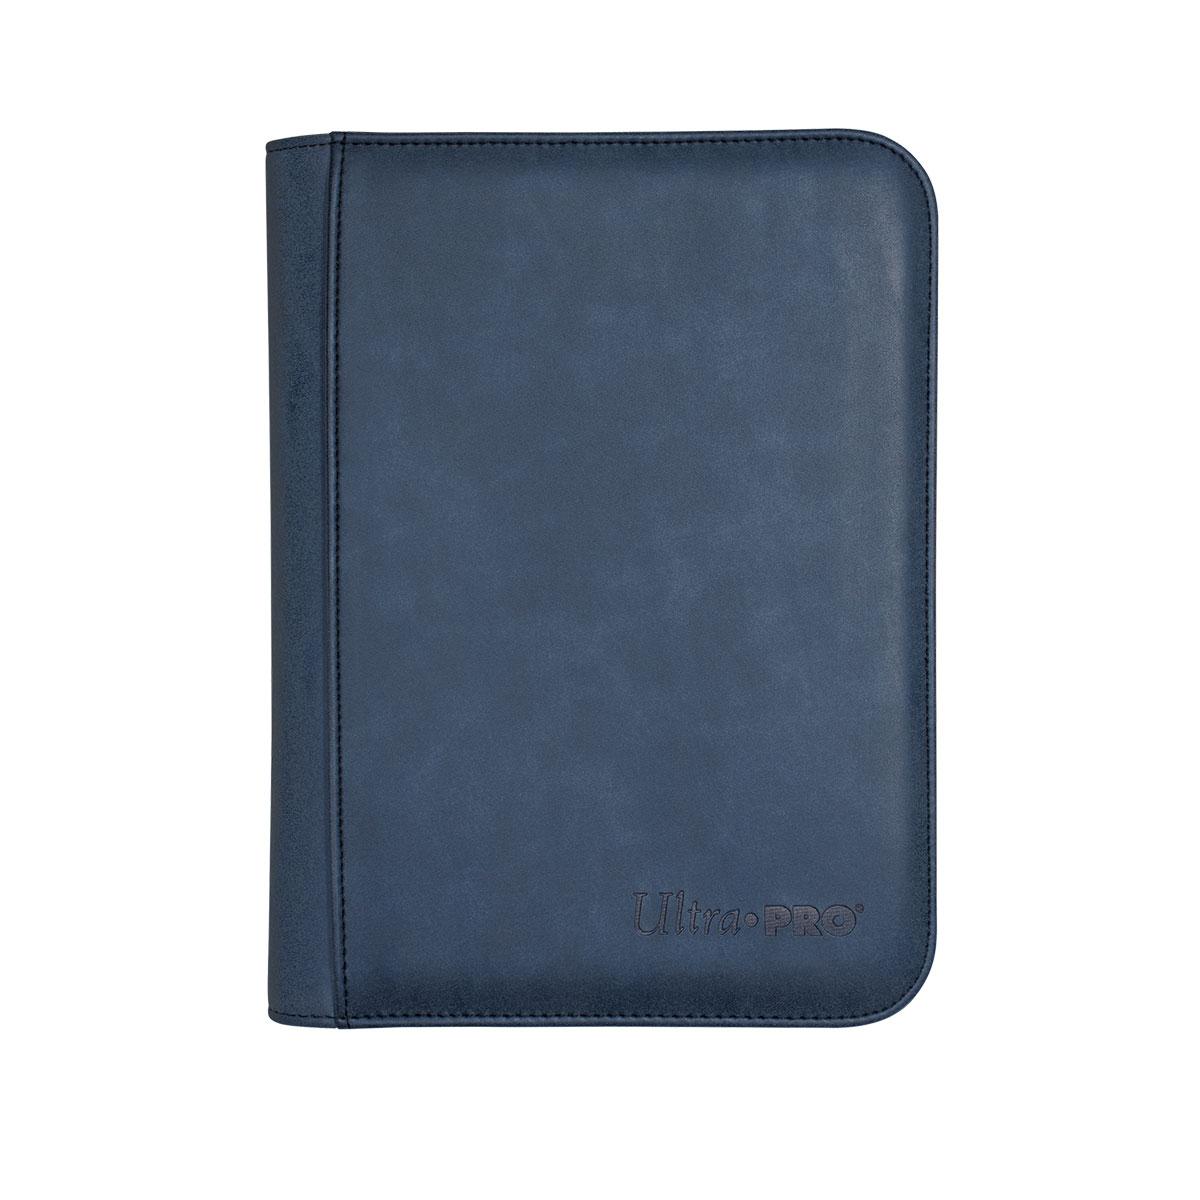 ウルトラプロ (Ultra Pro) スエードコレクション ジッパード4ポケット プレミアム プロ バインダー サファイア #15426 | Suede Collection Zippered 4-Pocket Premium PRO-Binder - Sapphire